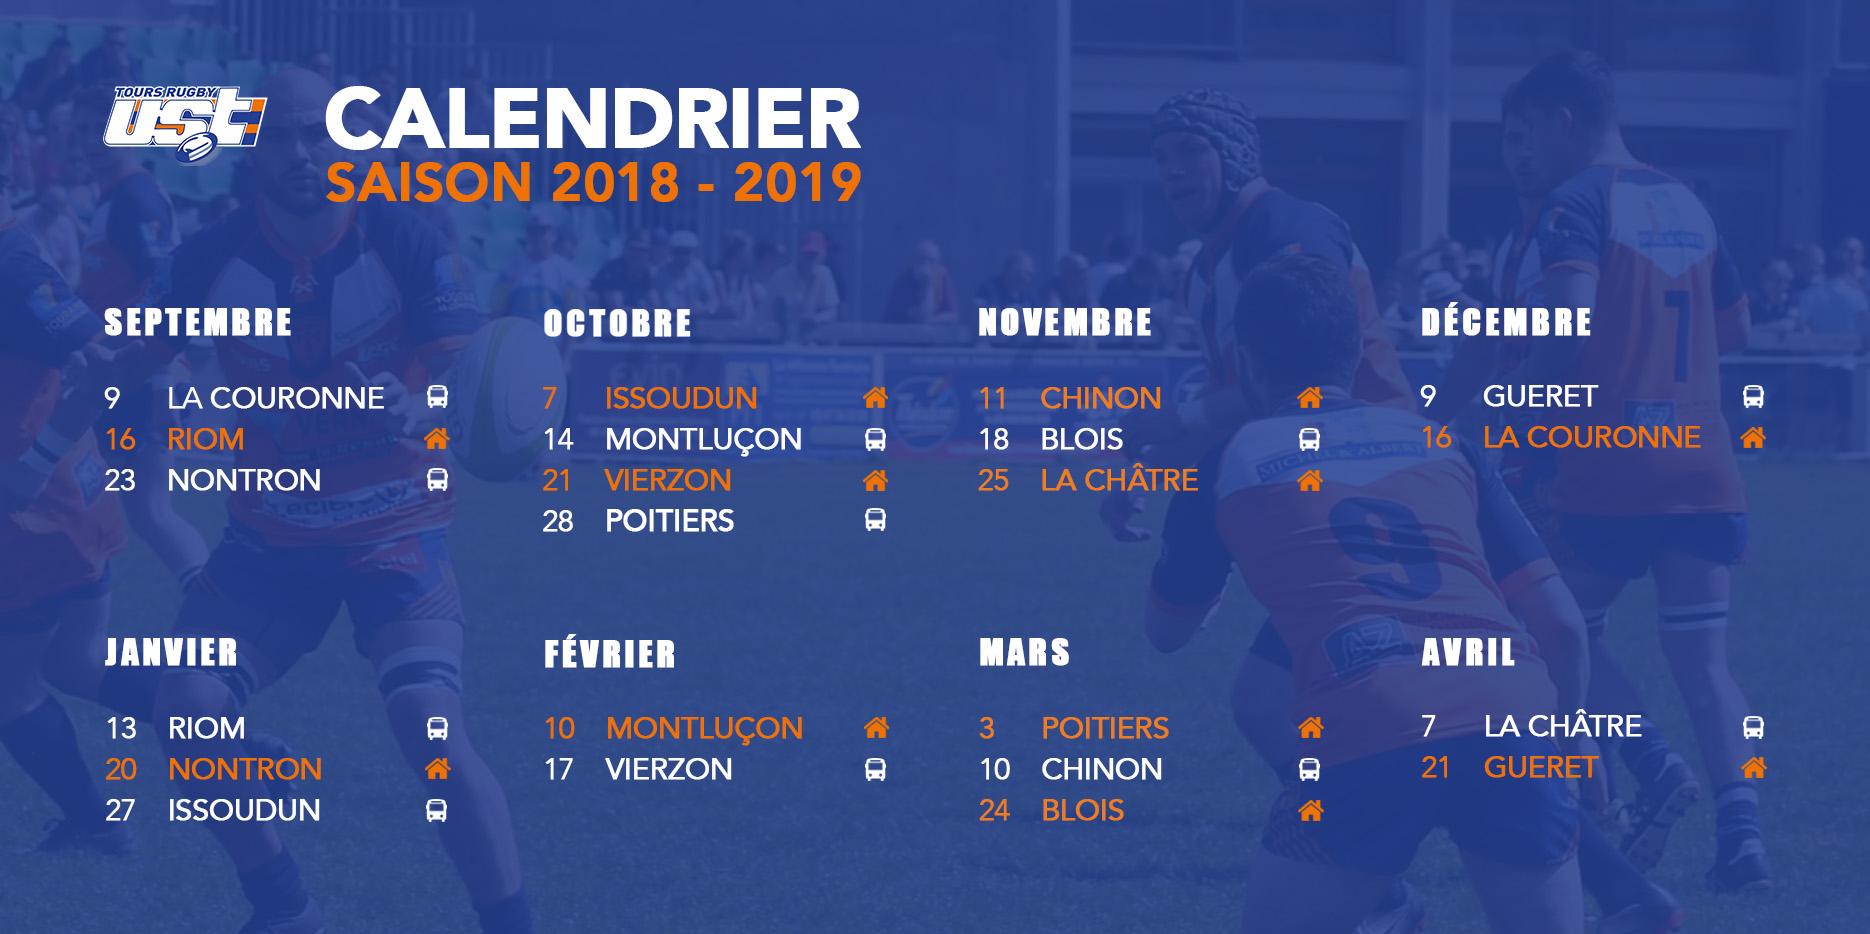 Fédérale 3 : calendrier des matchs de la saison 2018-2019